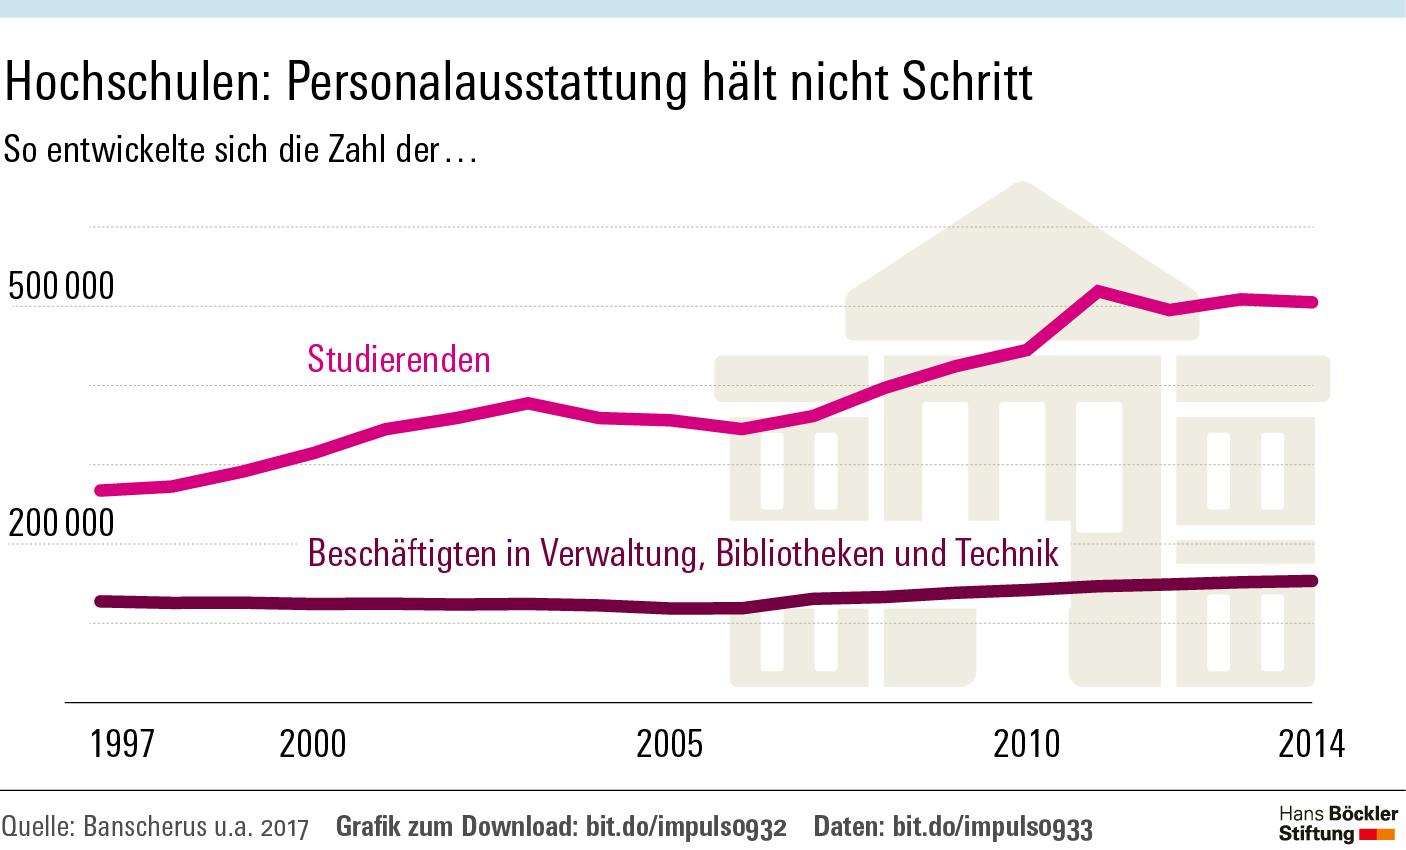 Hochschulen: Personalausstattung hält nicht Schritt